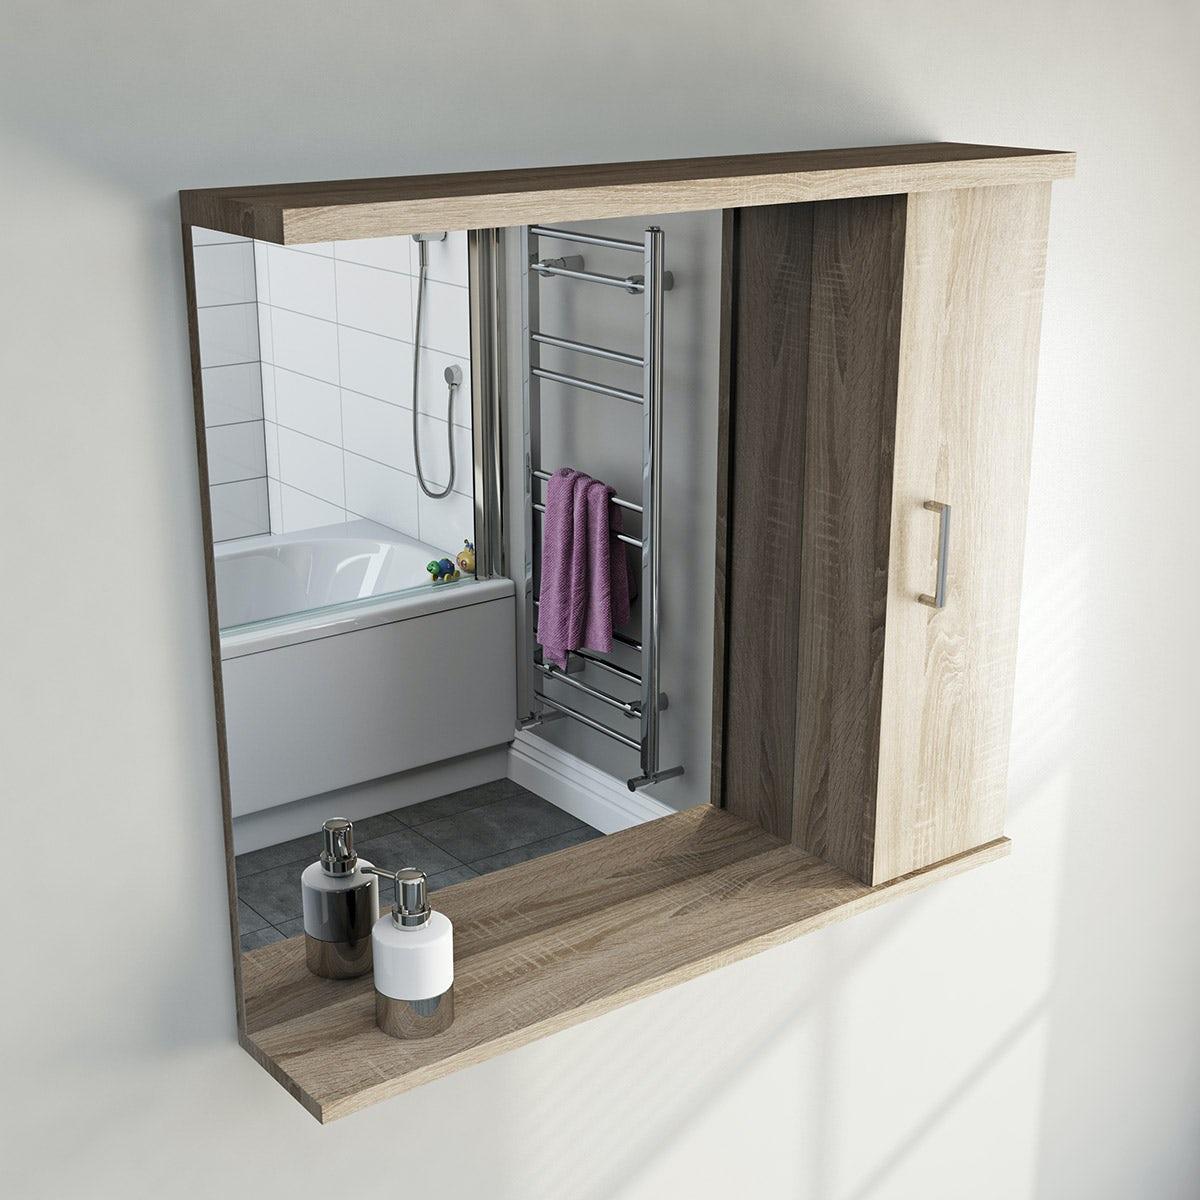 Sienna oak bathroom mirror with lights 850mm for Bathroom side mirror